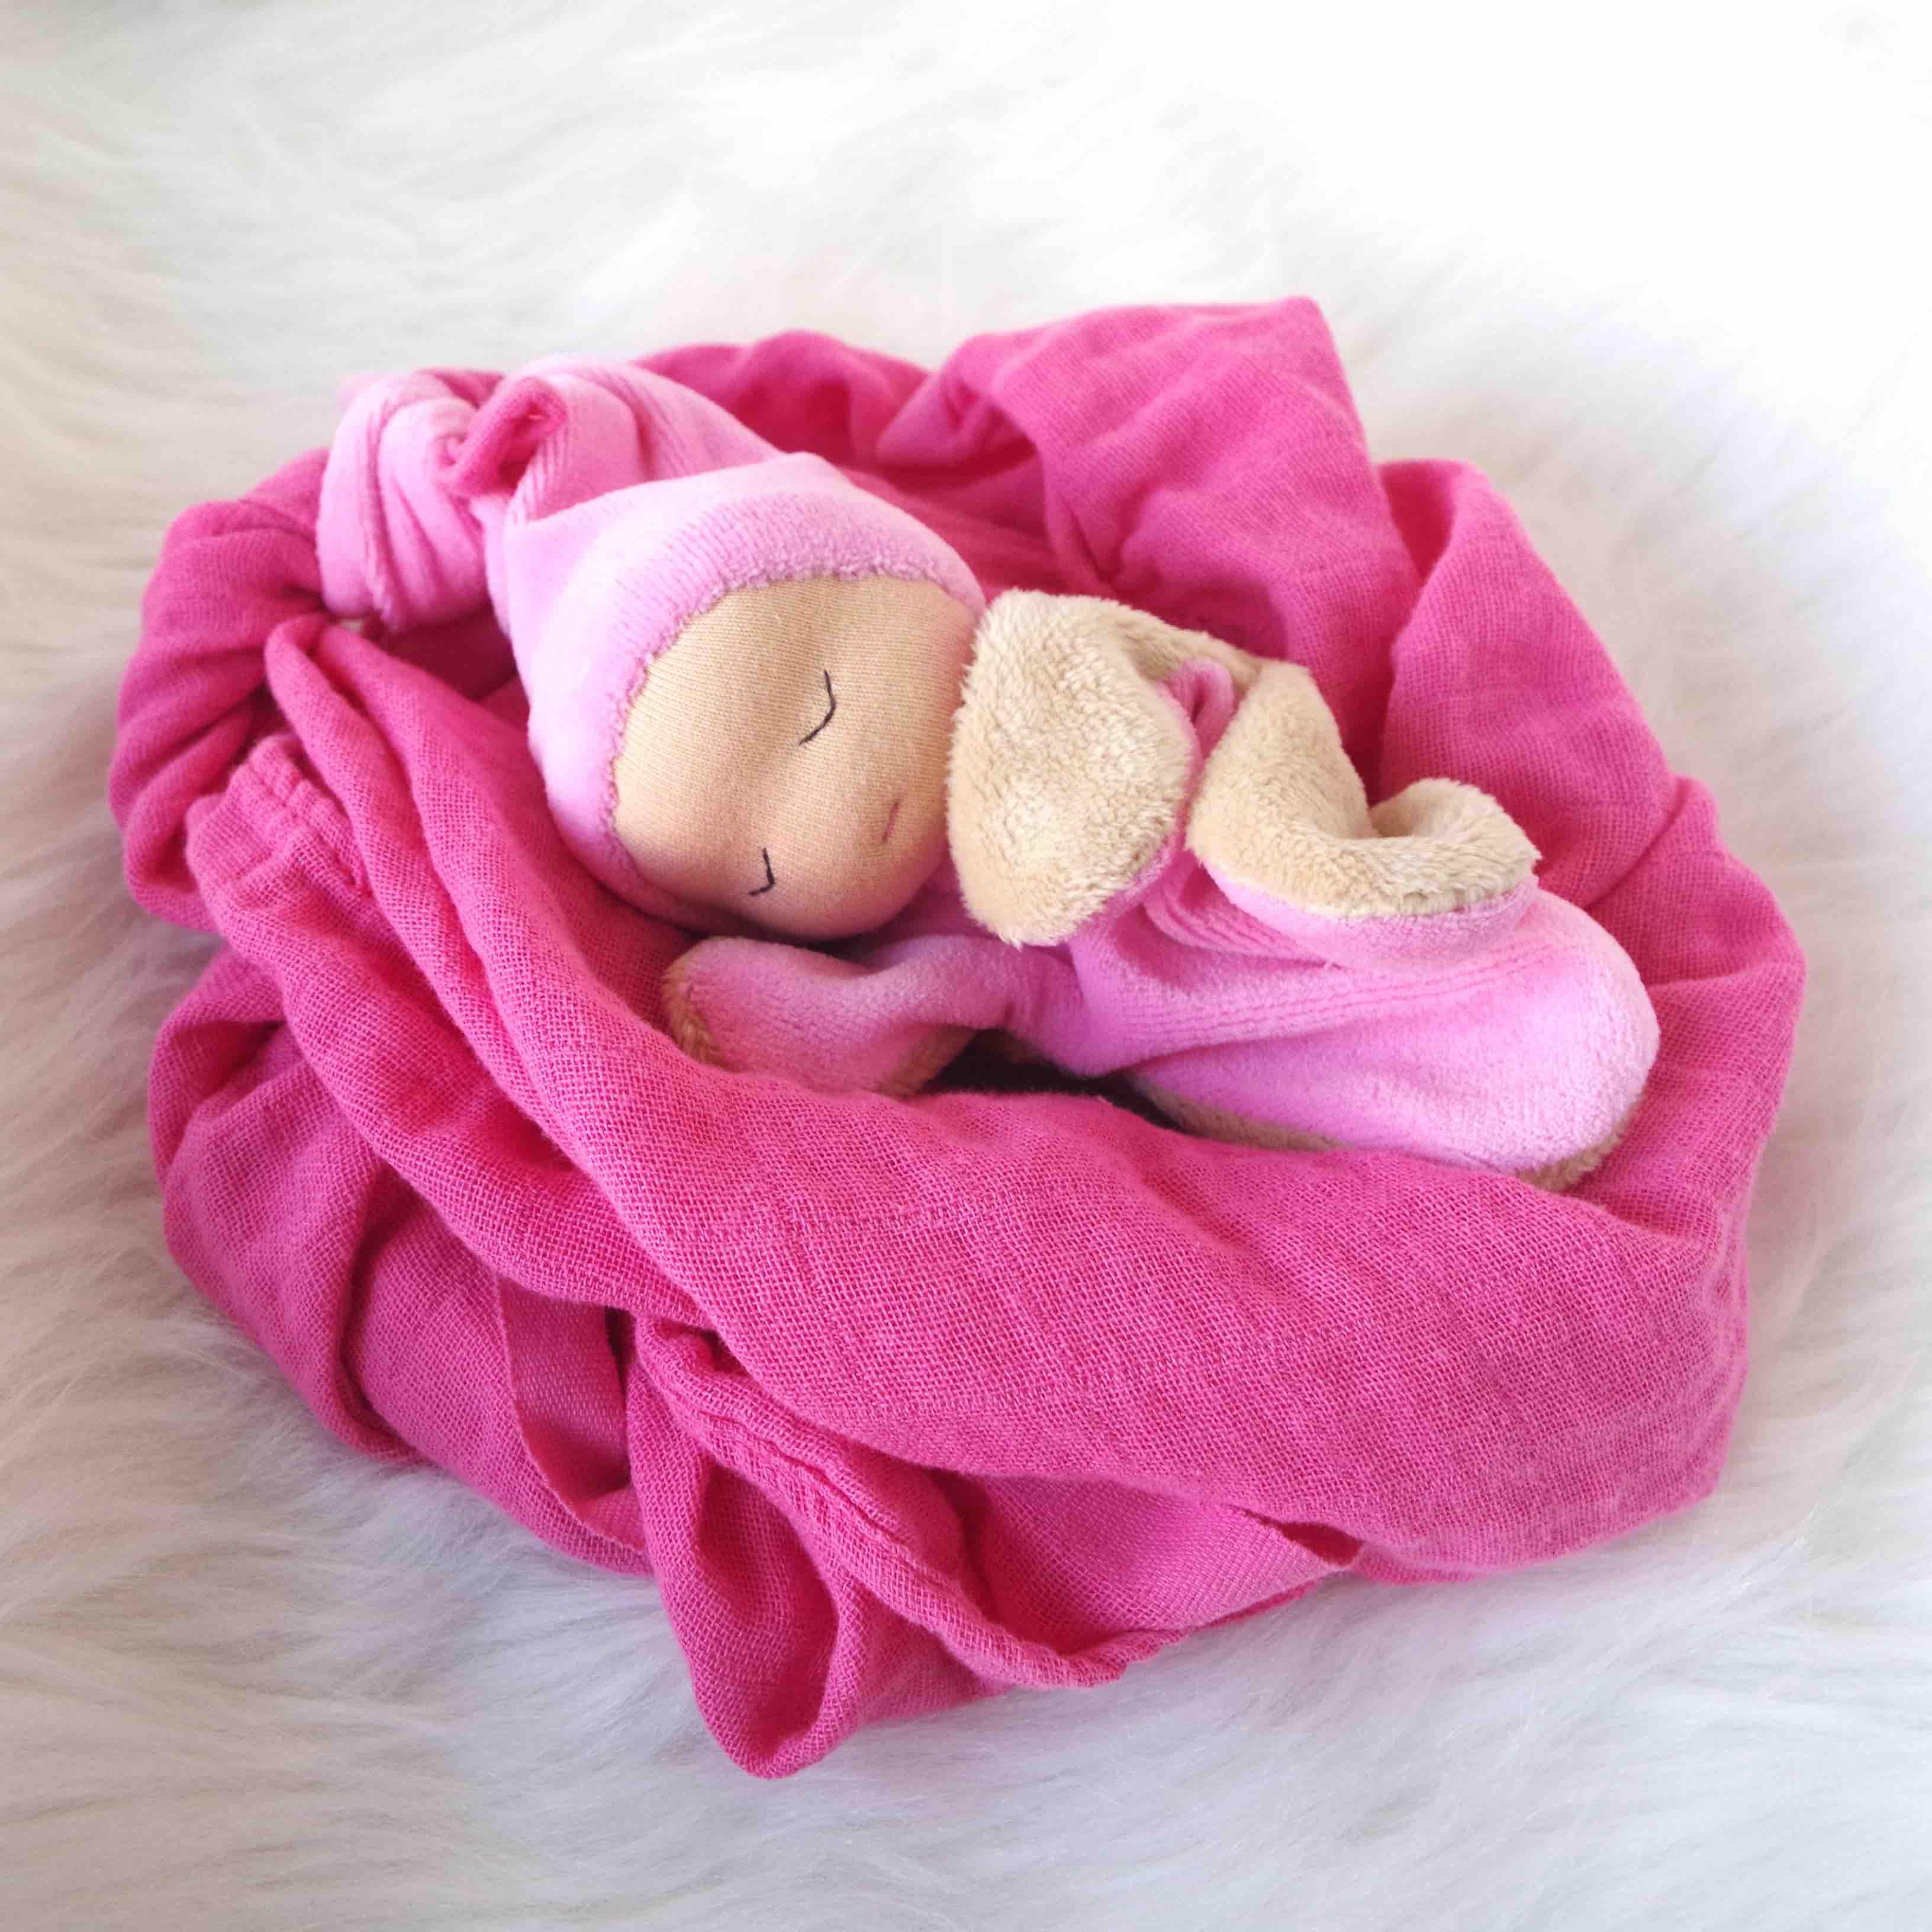 doudou lange poupinou rose cadeau de naissance createur. Black Bedroom Furniture Sets. Home Design Ideas